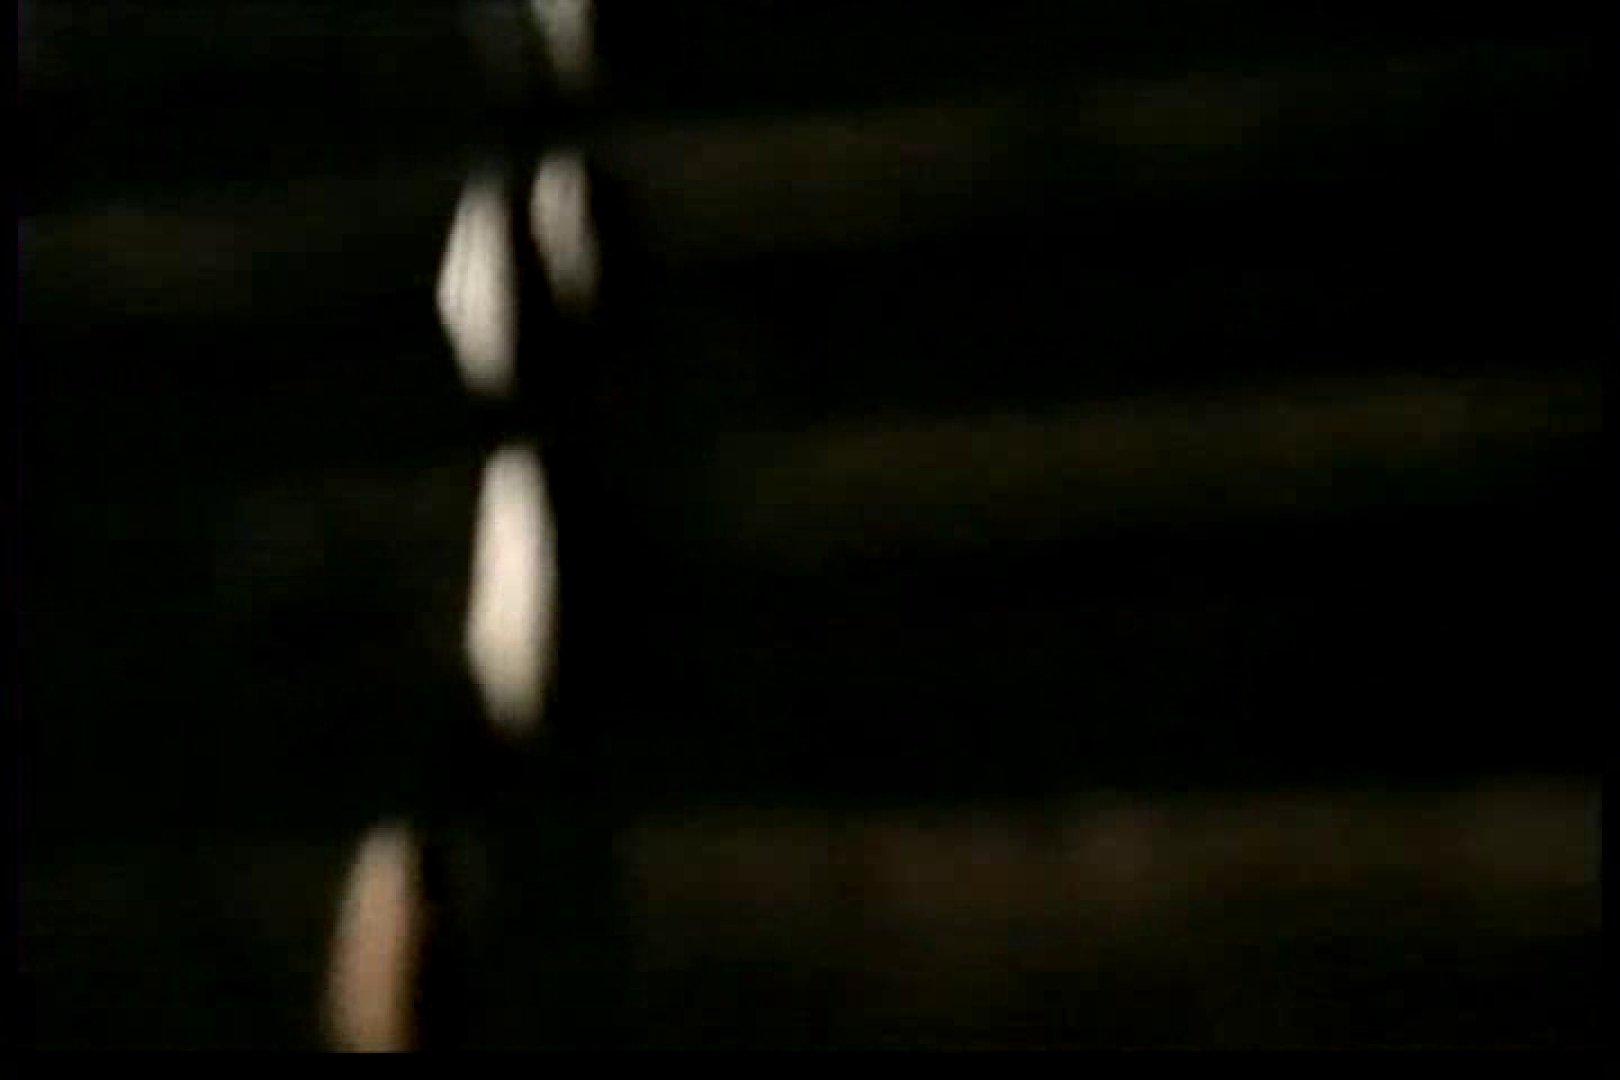 バレまくり!! 絶叫民家女風呂盗撮Vol.2 覗き エロ無料画像 86画像 33